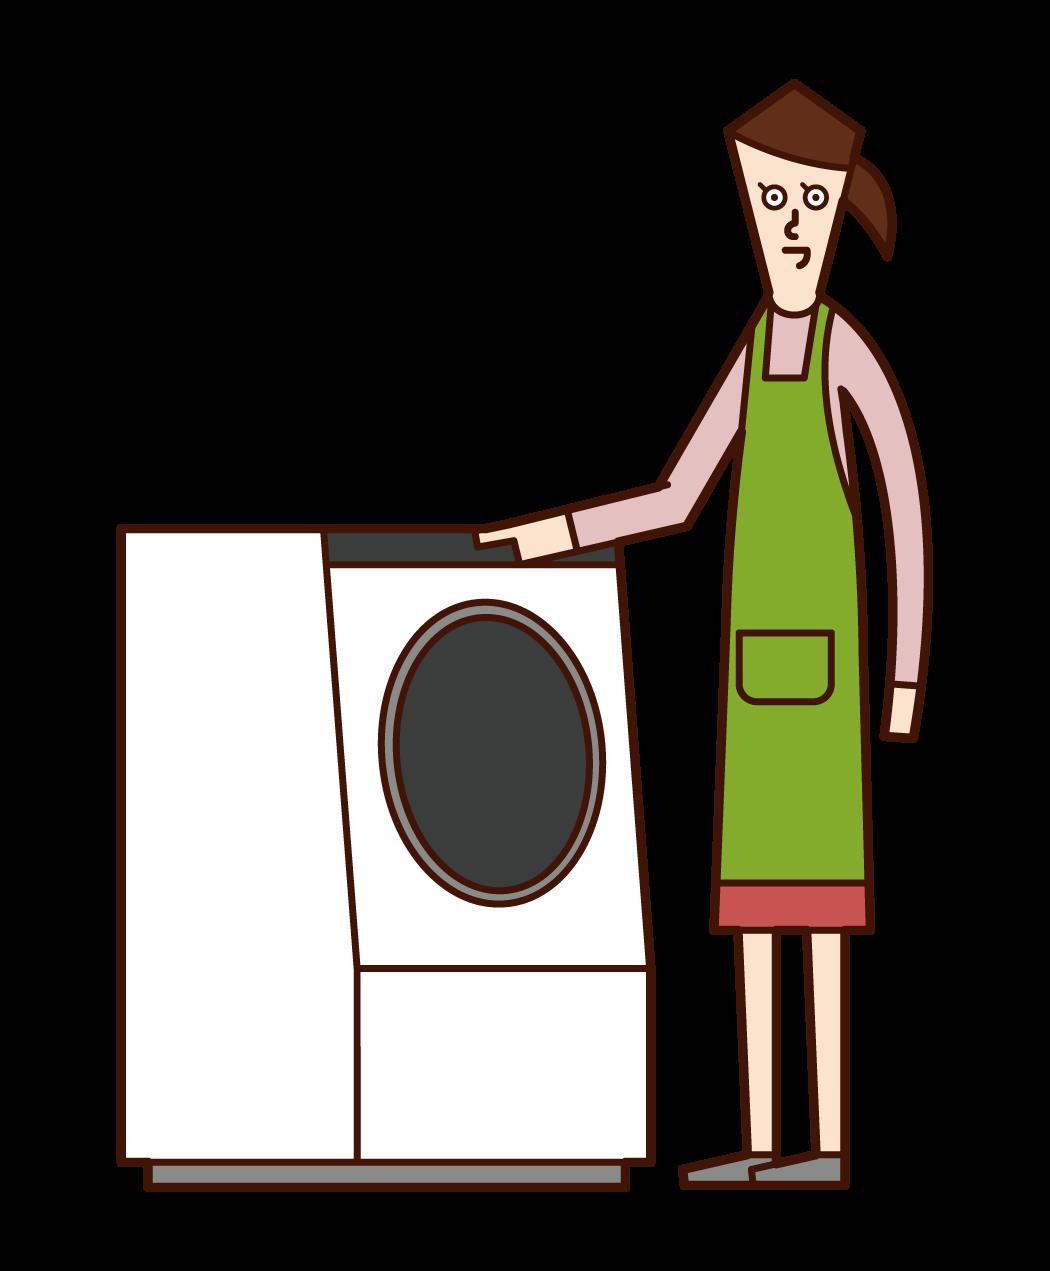 세탁기를 사용하는 사람 (여성)의 일러스트